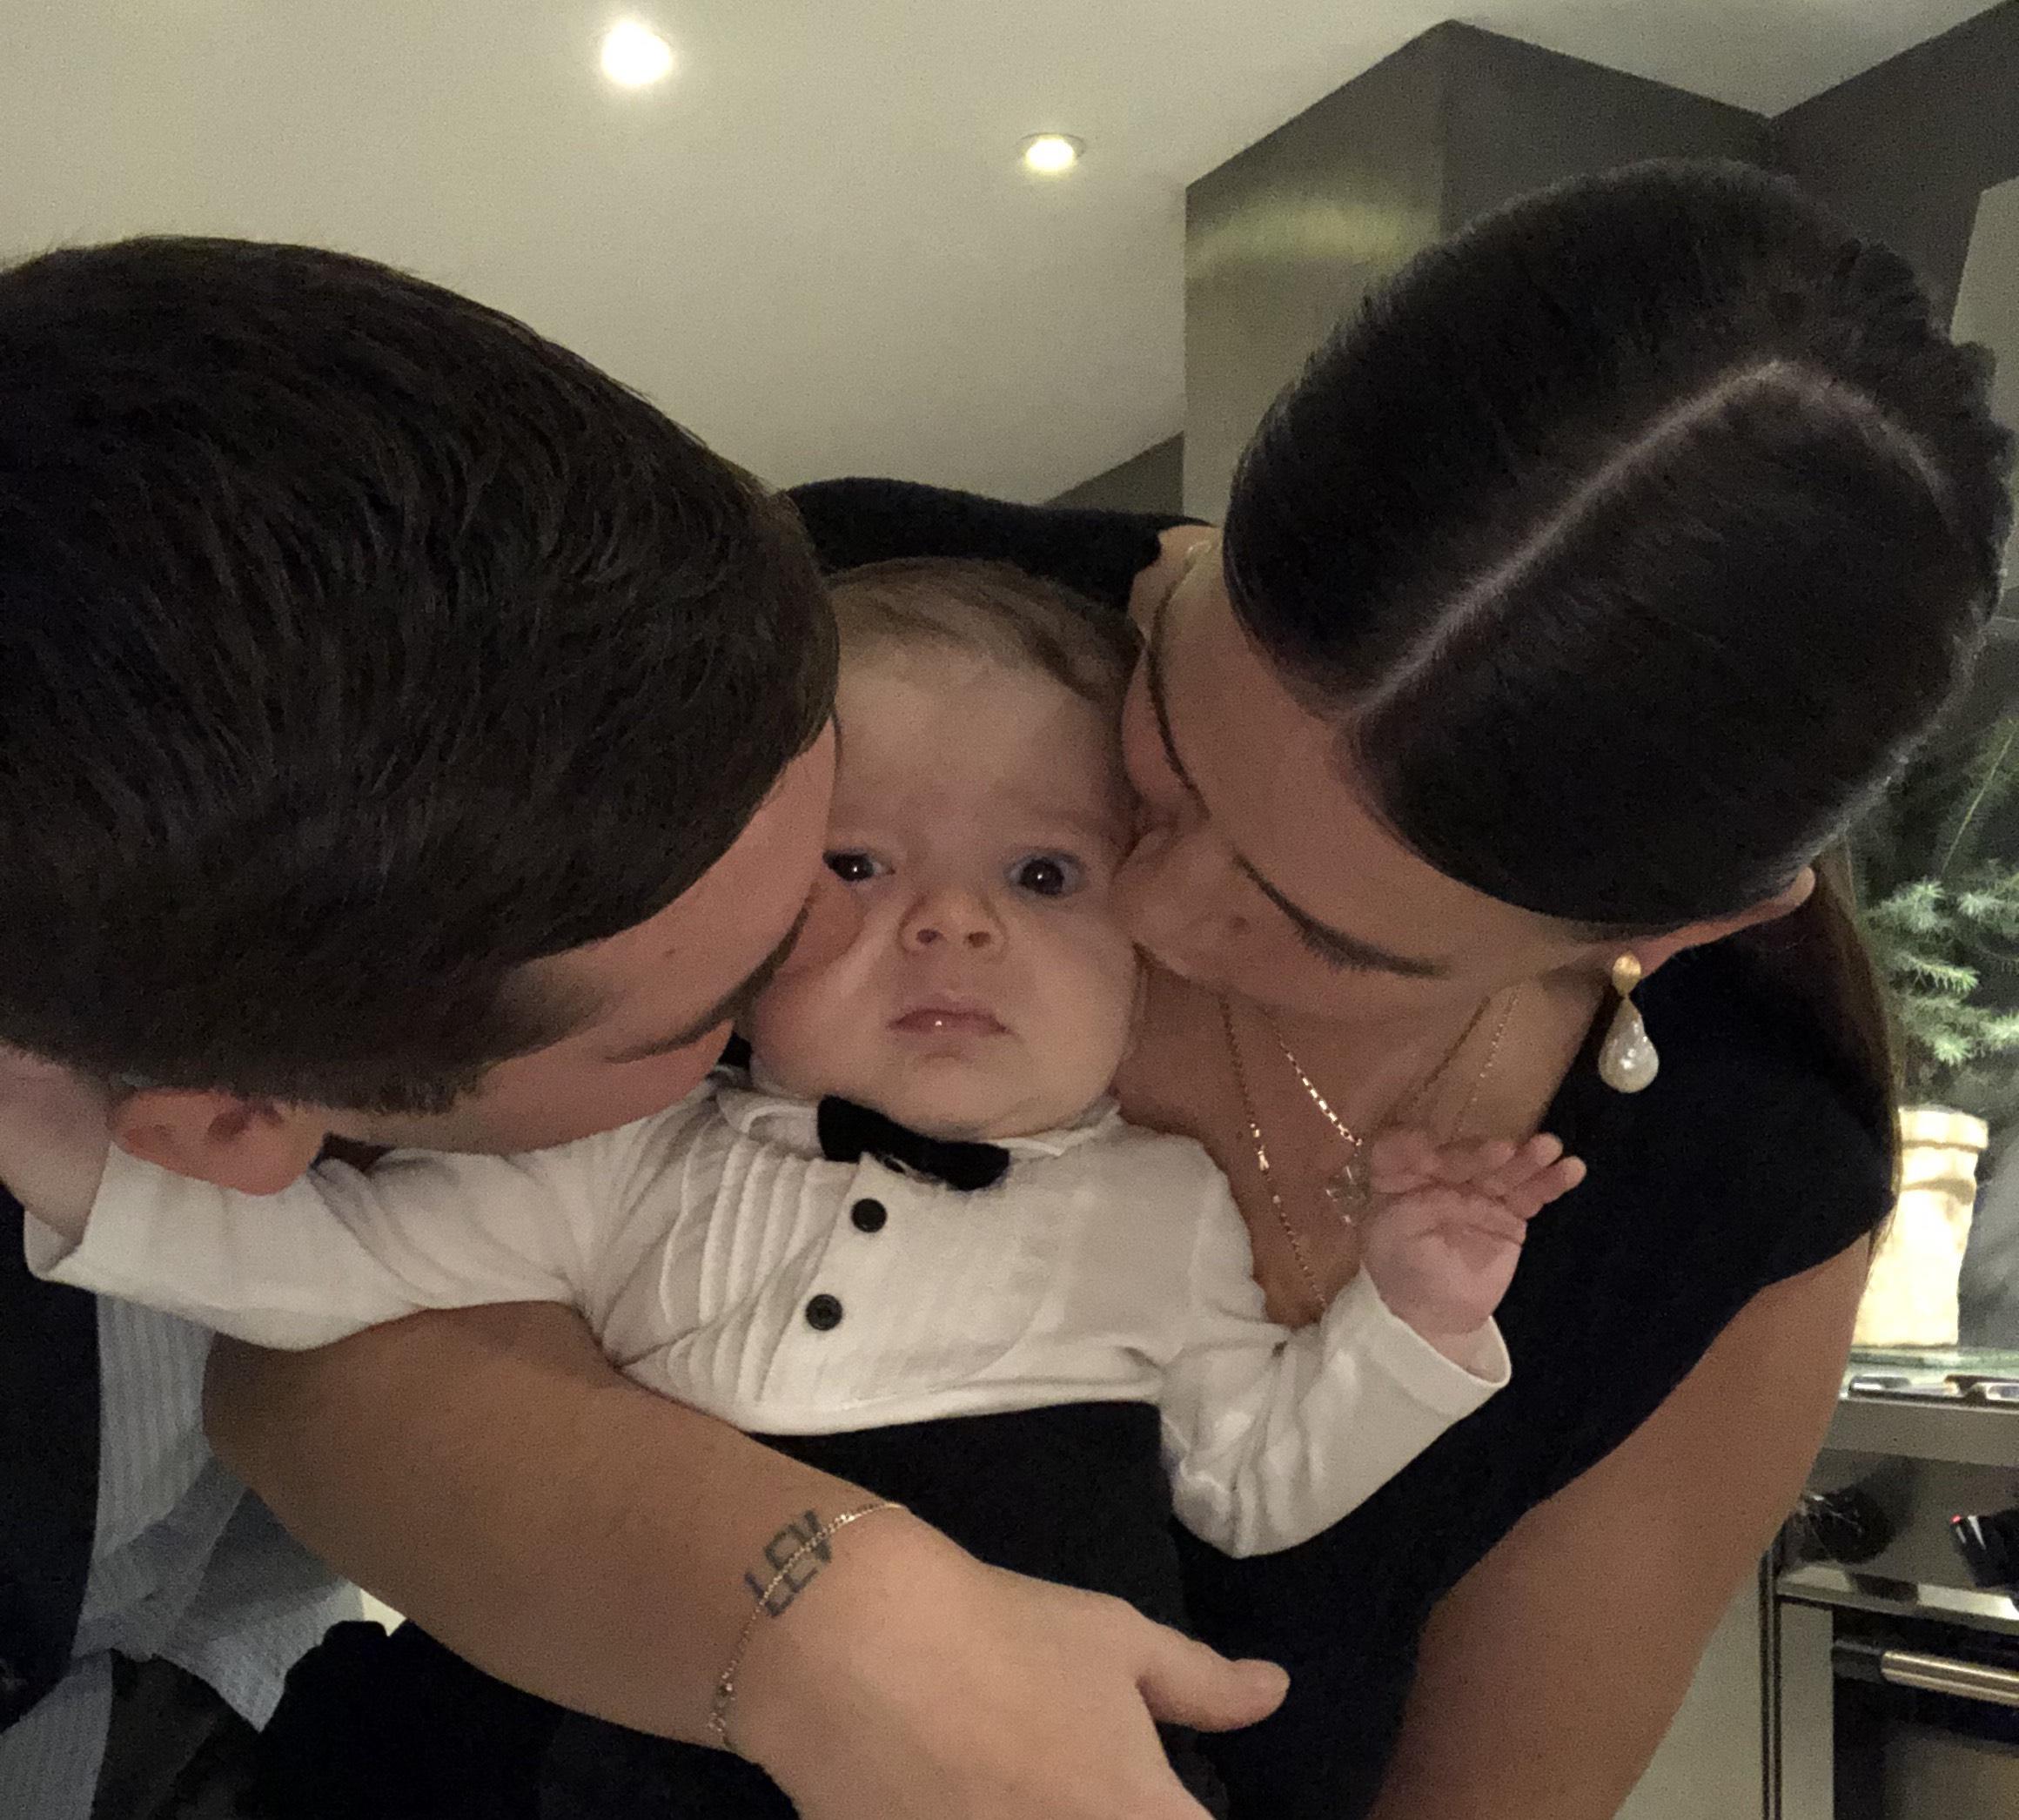 Tine og mand kysser baby fin i tøjet